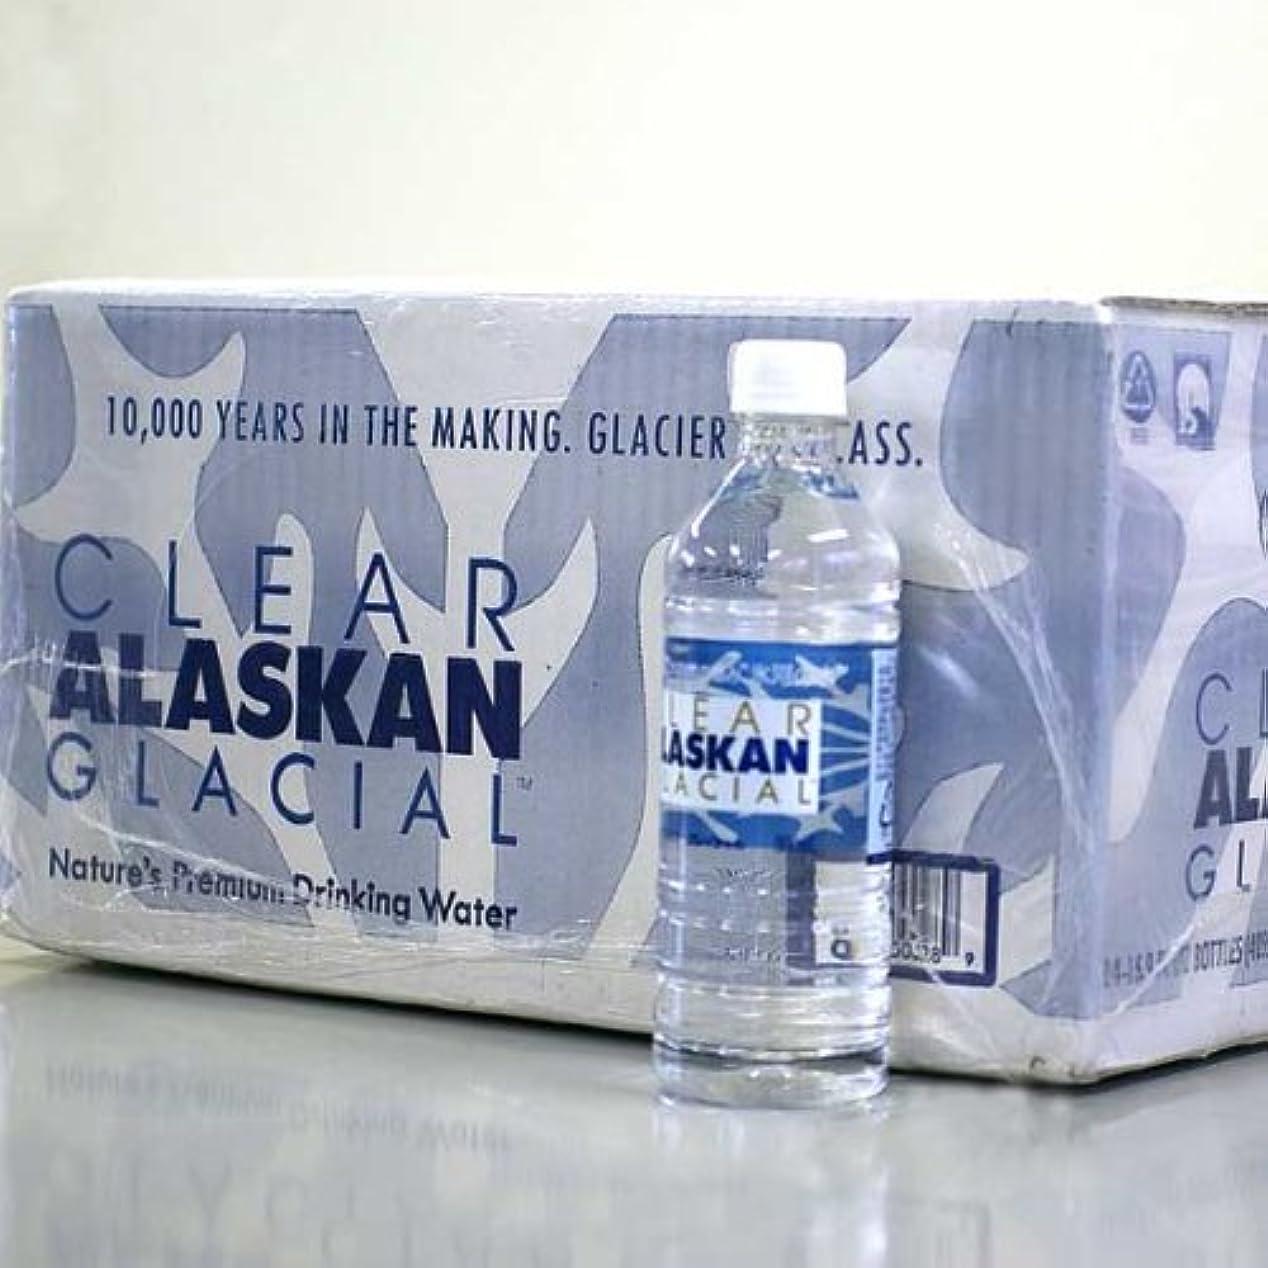 愛されし者バッグありふれたアラスカ 氷河の水 クリアアラスカングレイシャル 500ml × 24本